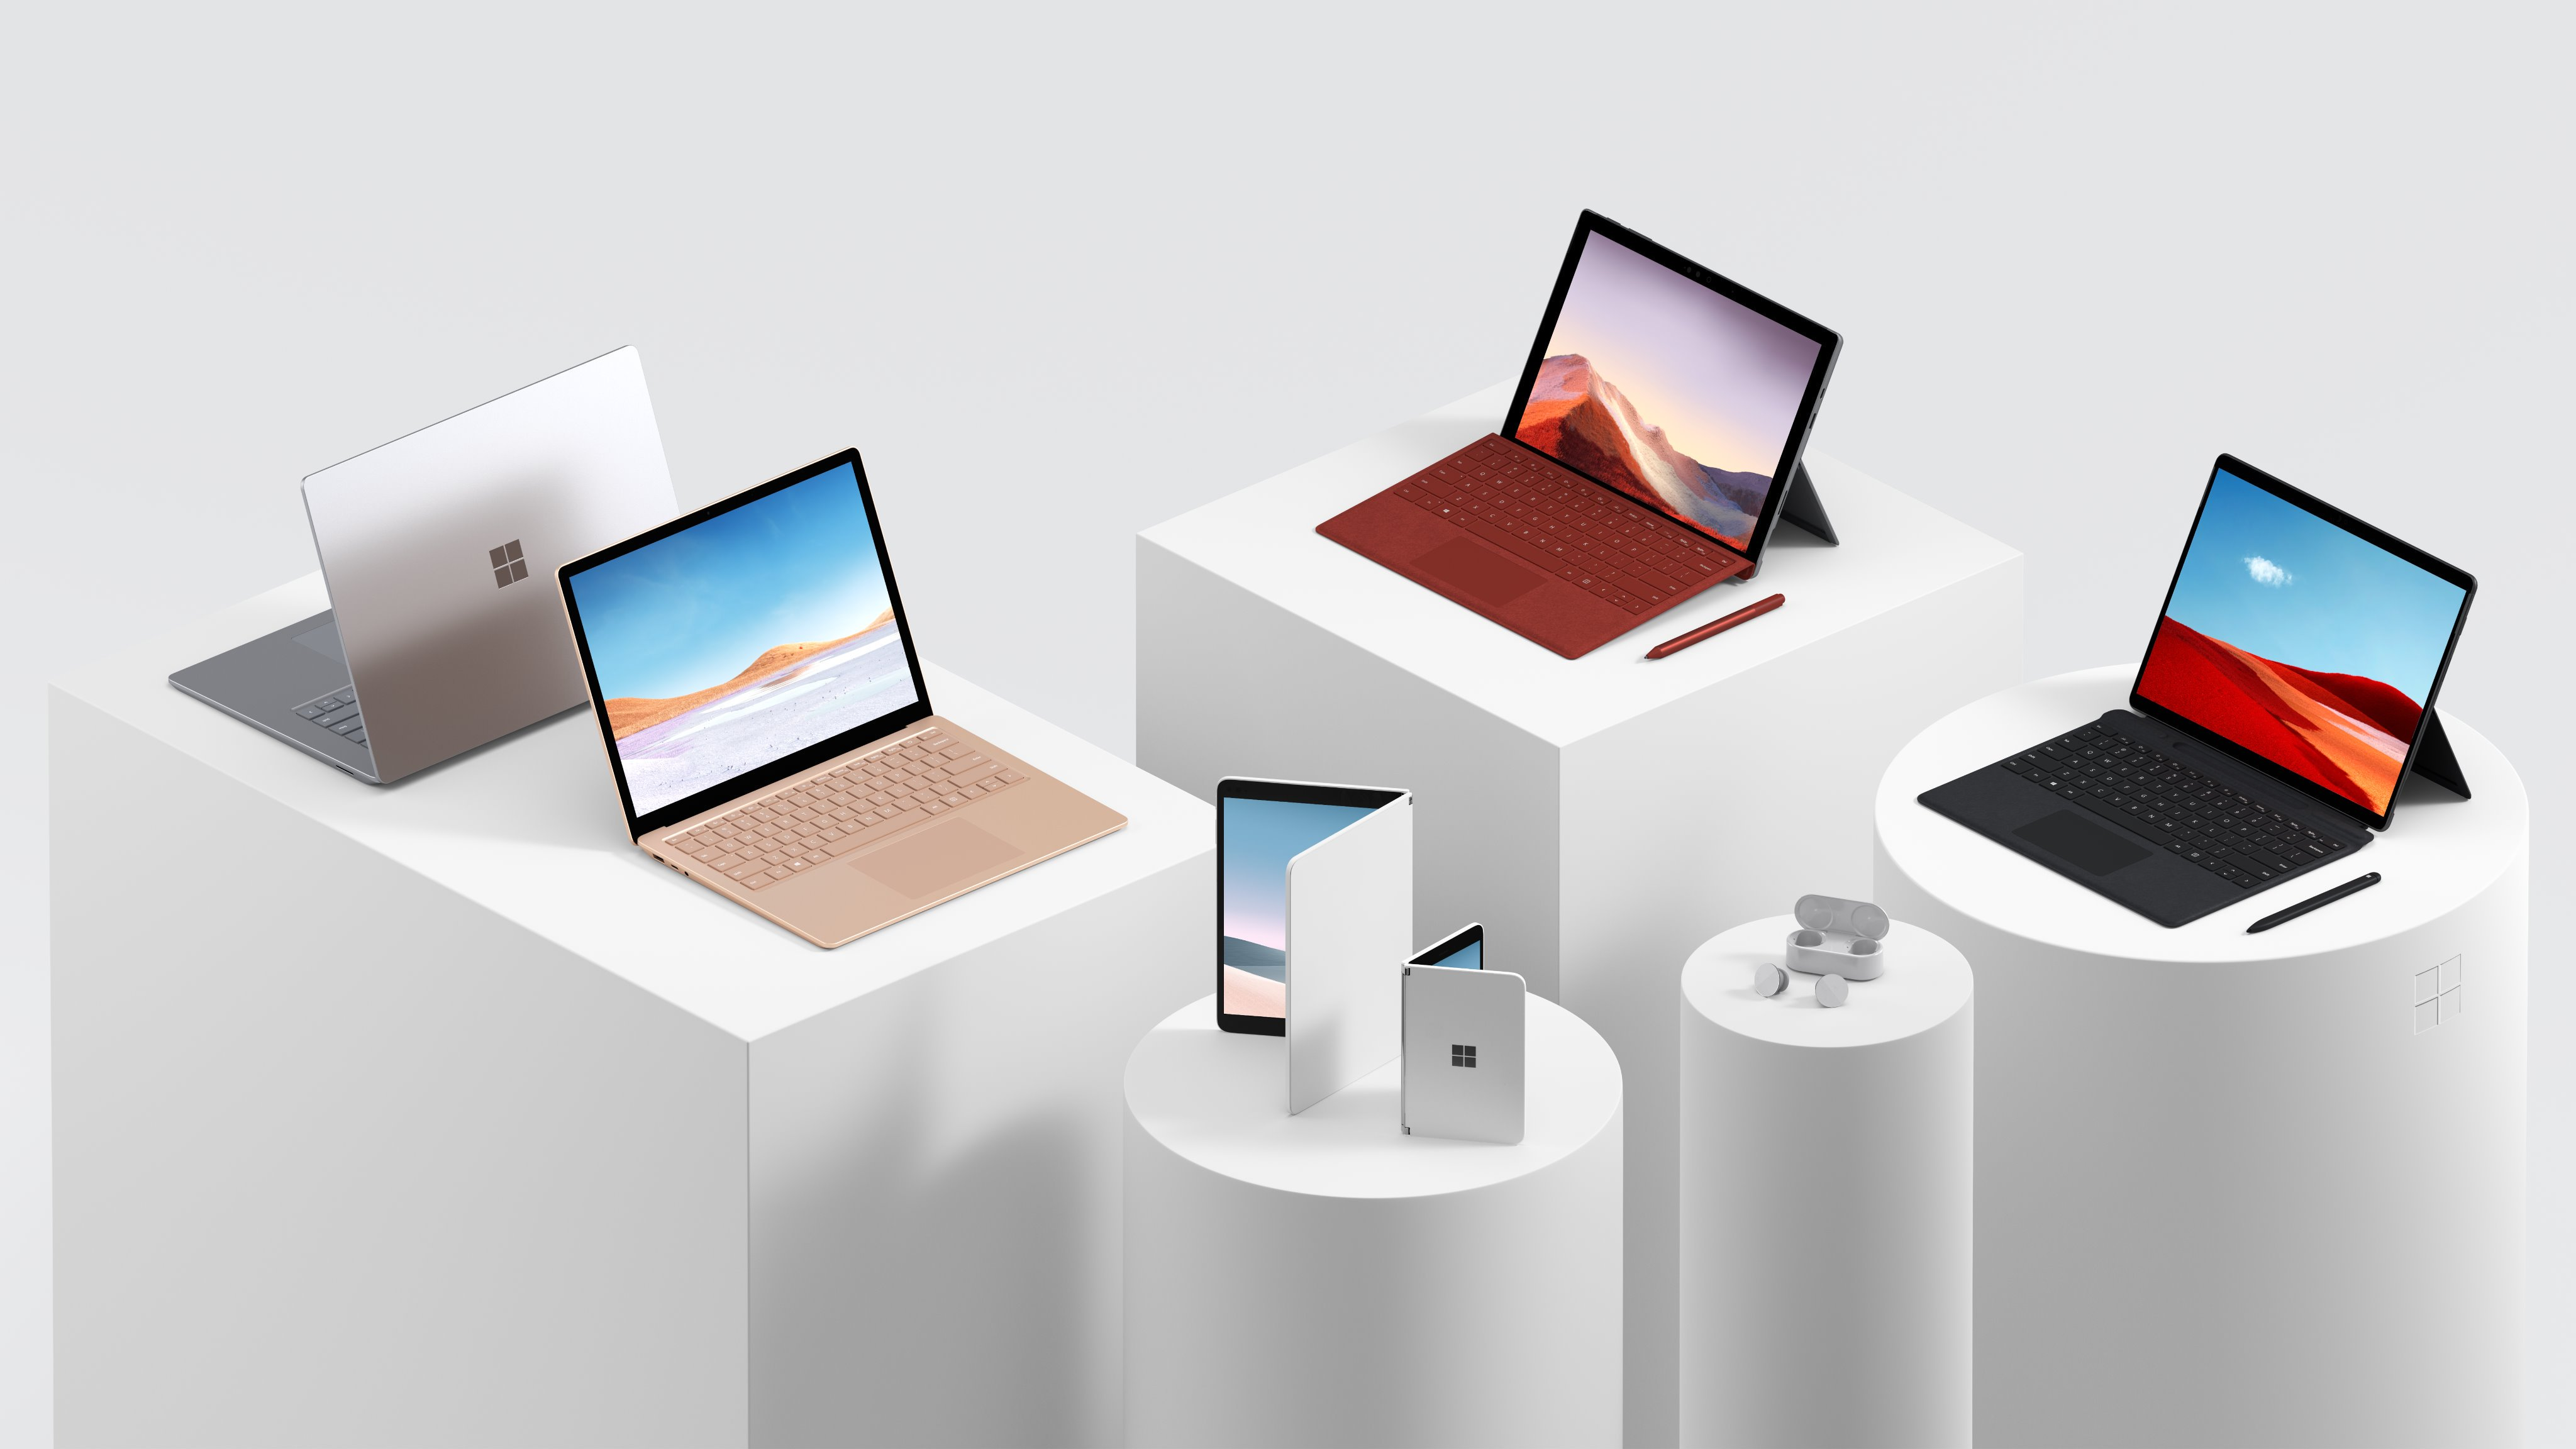 Microsoft propose aujourd'hui toute une gamme de produits Surface